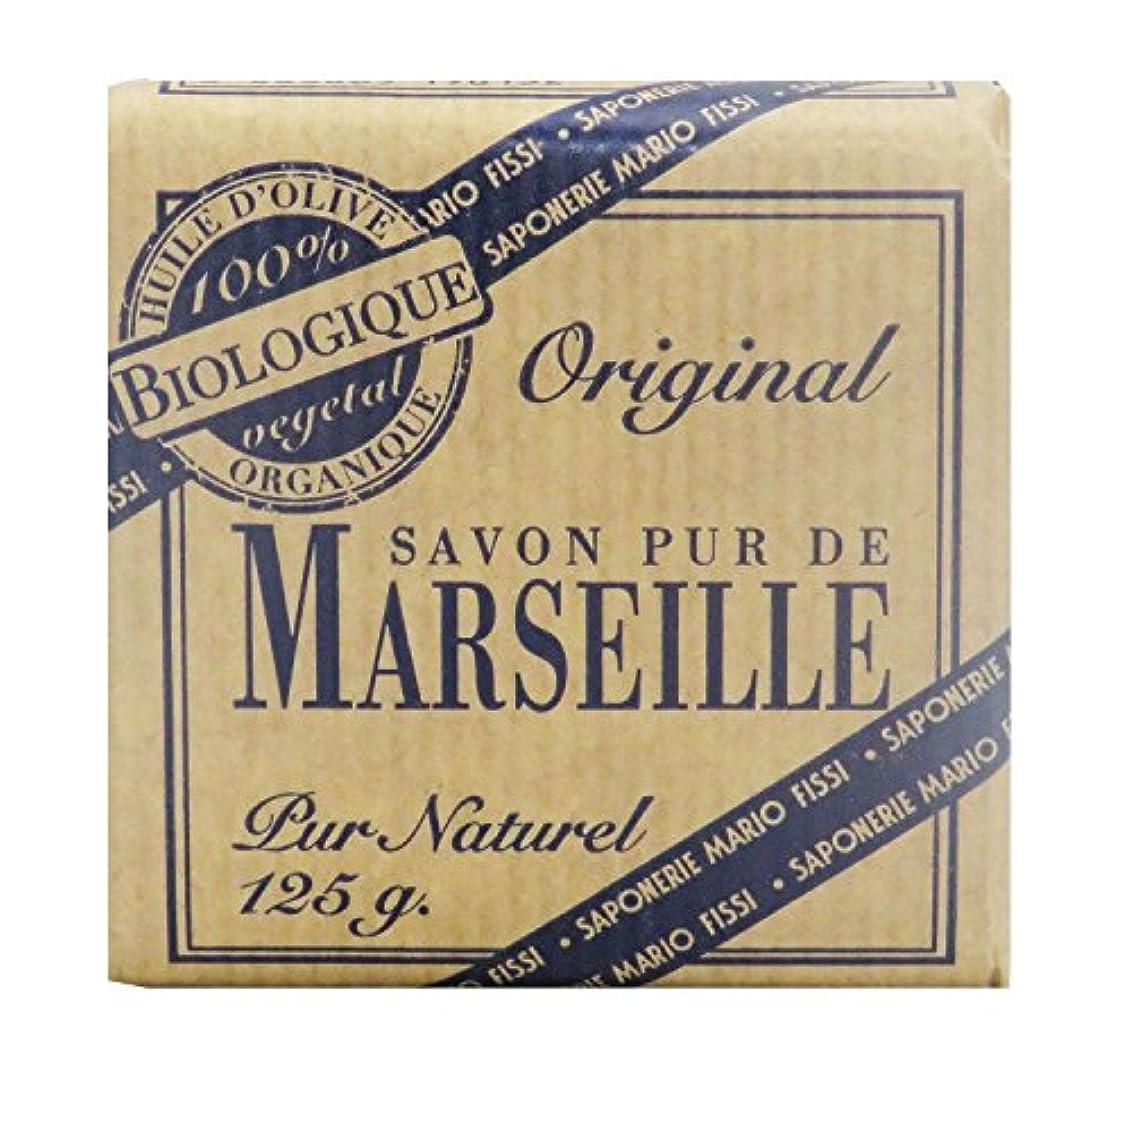 我慢する関係ない非行Saponerire Fissi マルセイユシリーズ マルセイユソープ 125g Original オリジナル